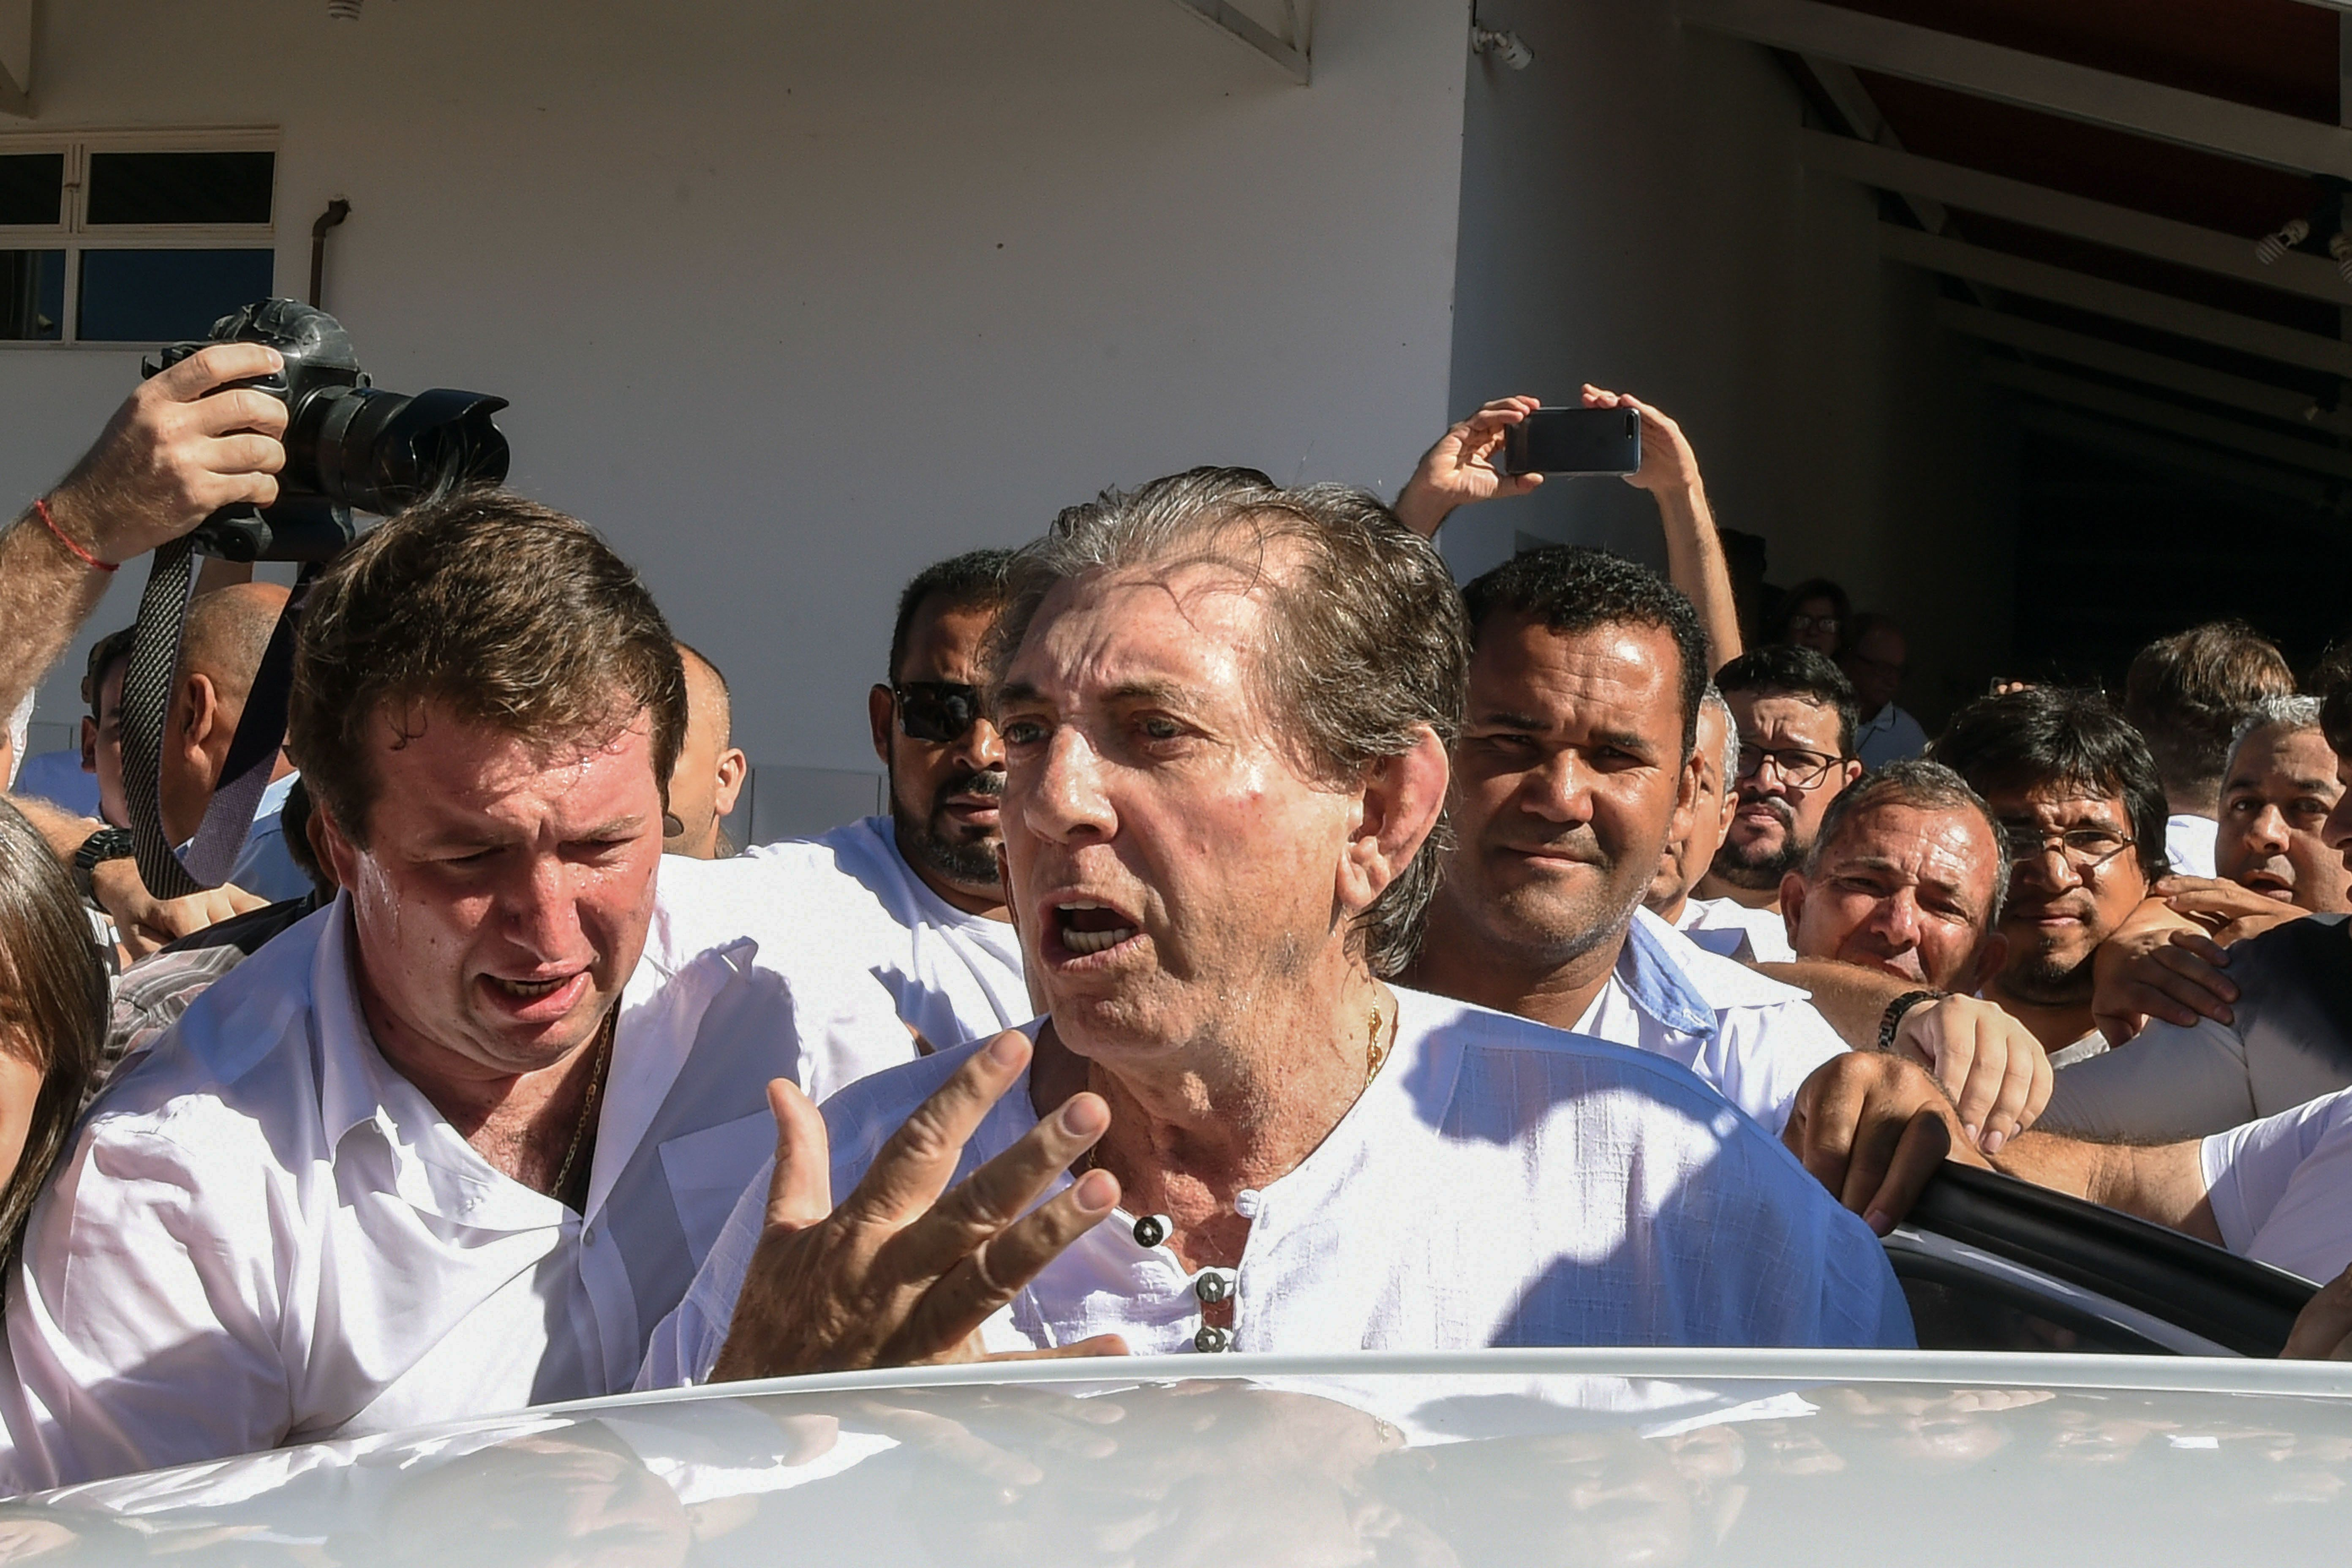 """João Teixeira de Faria (center), known as """"João de Deus,"""" or John of God, is escorted by supporters as he arriv"""